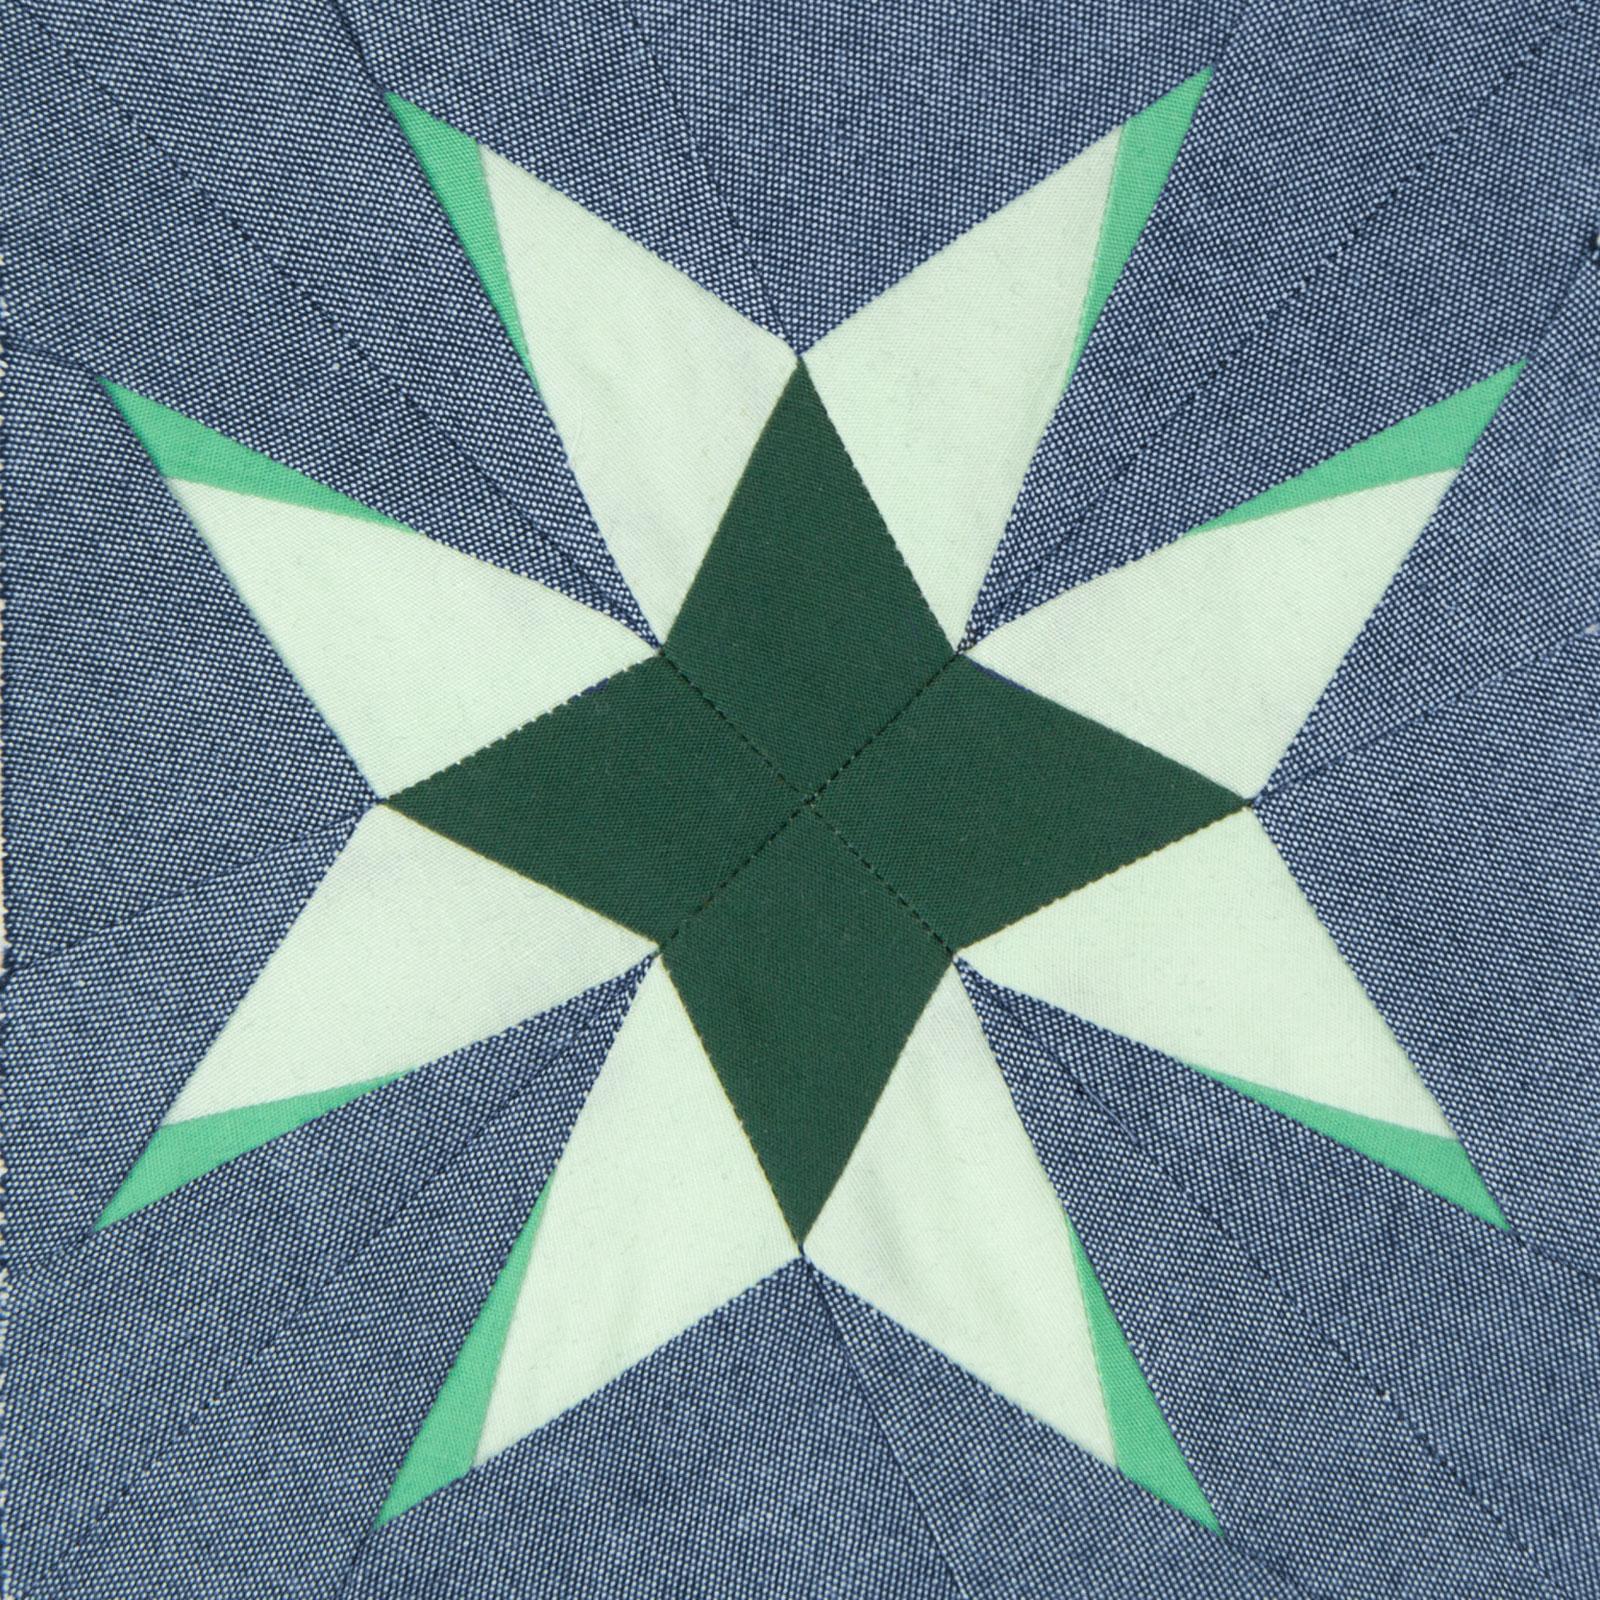 Lodestars quilt block #25: Josephine B